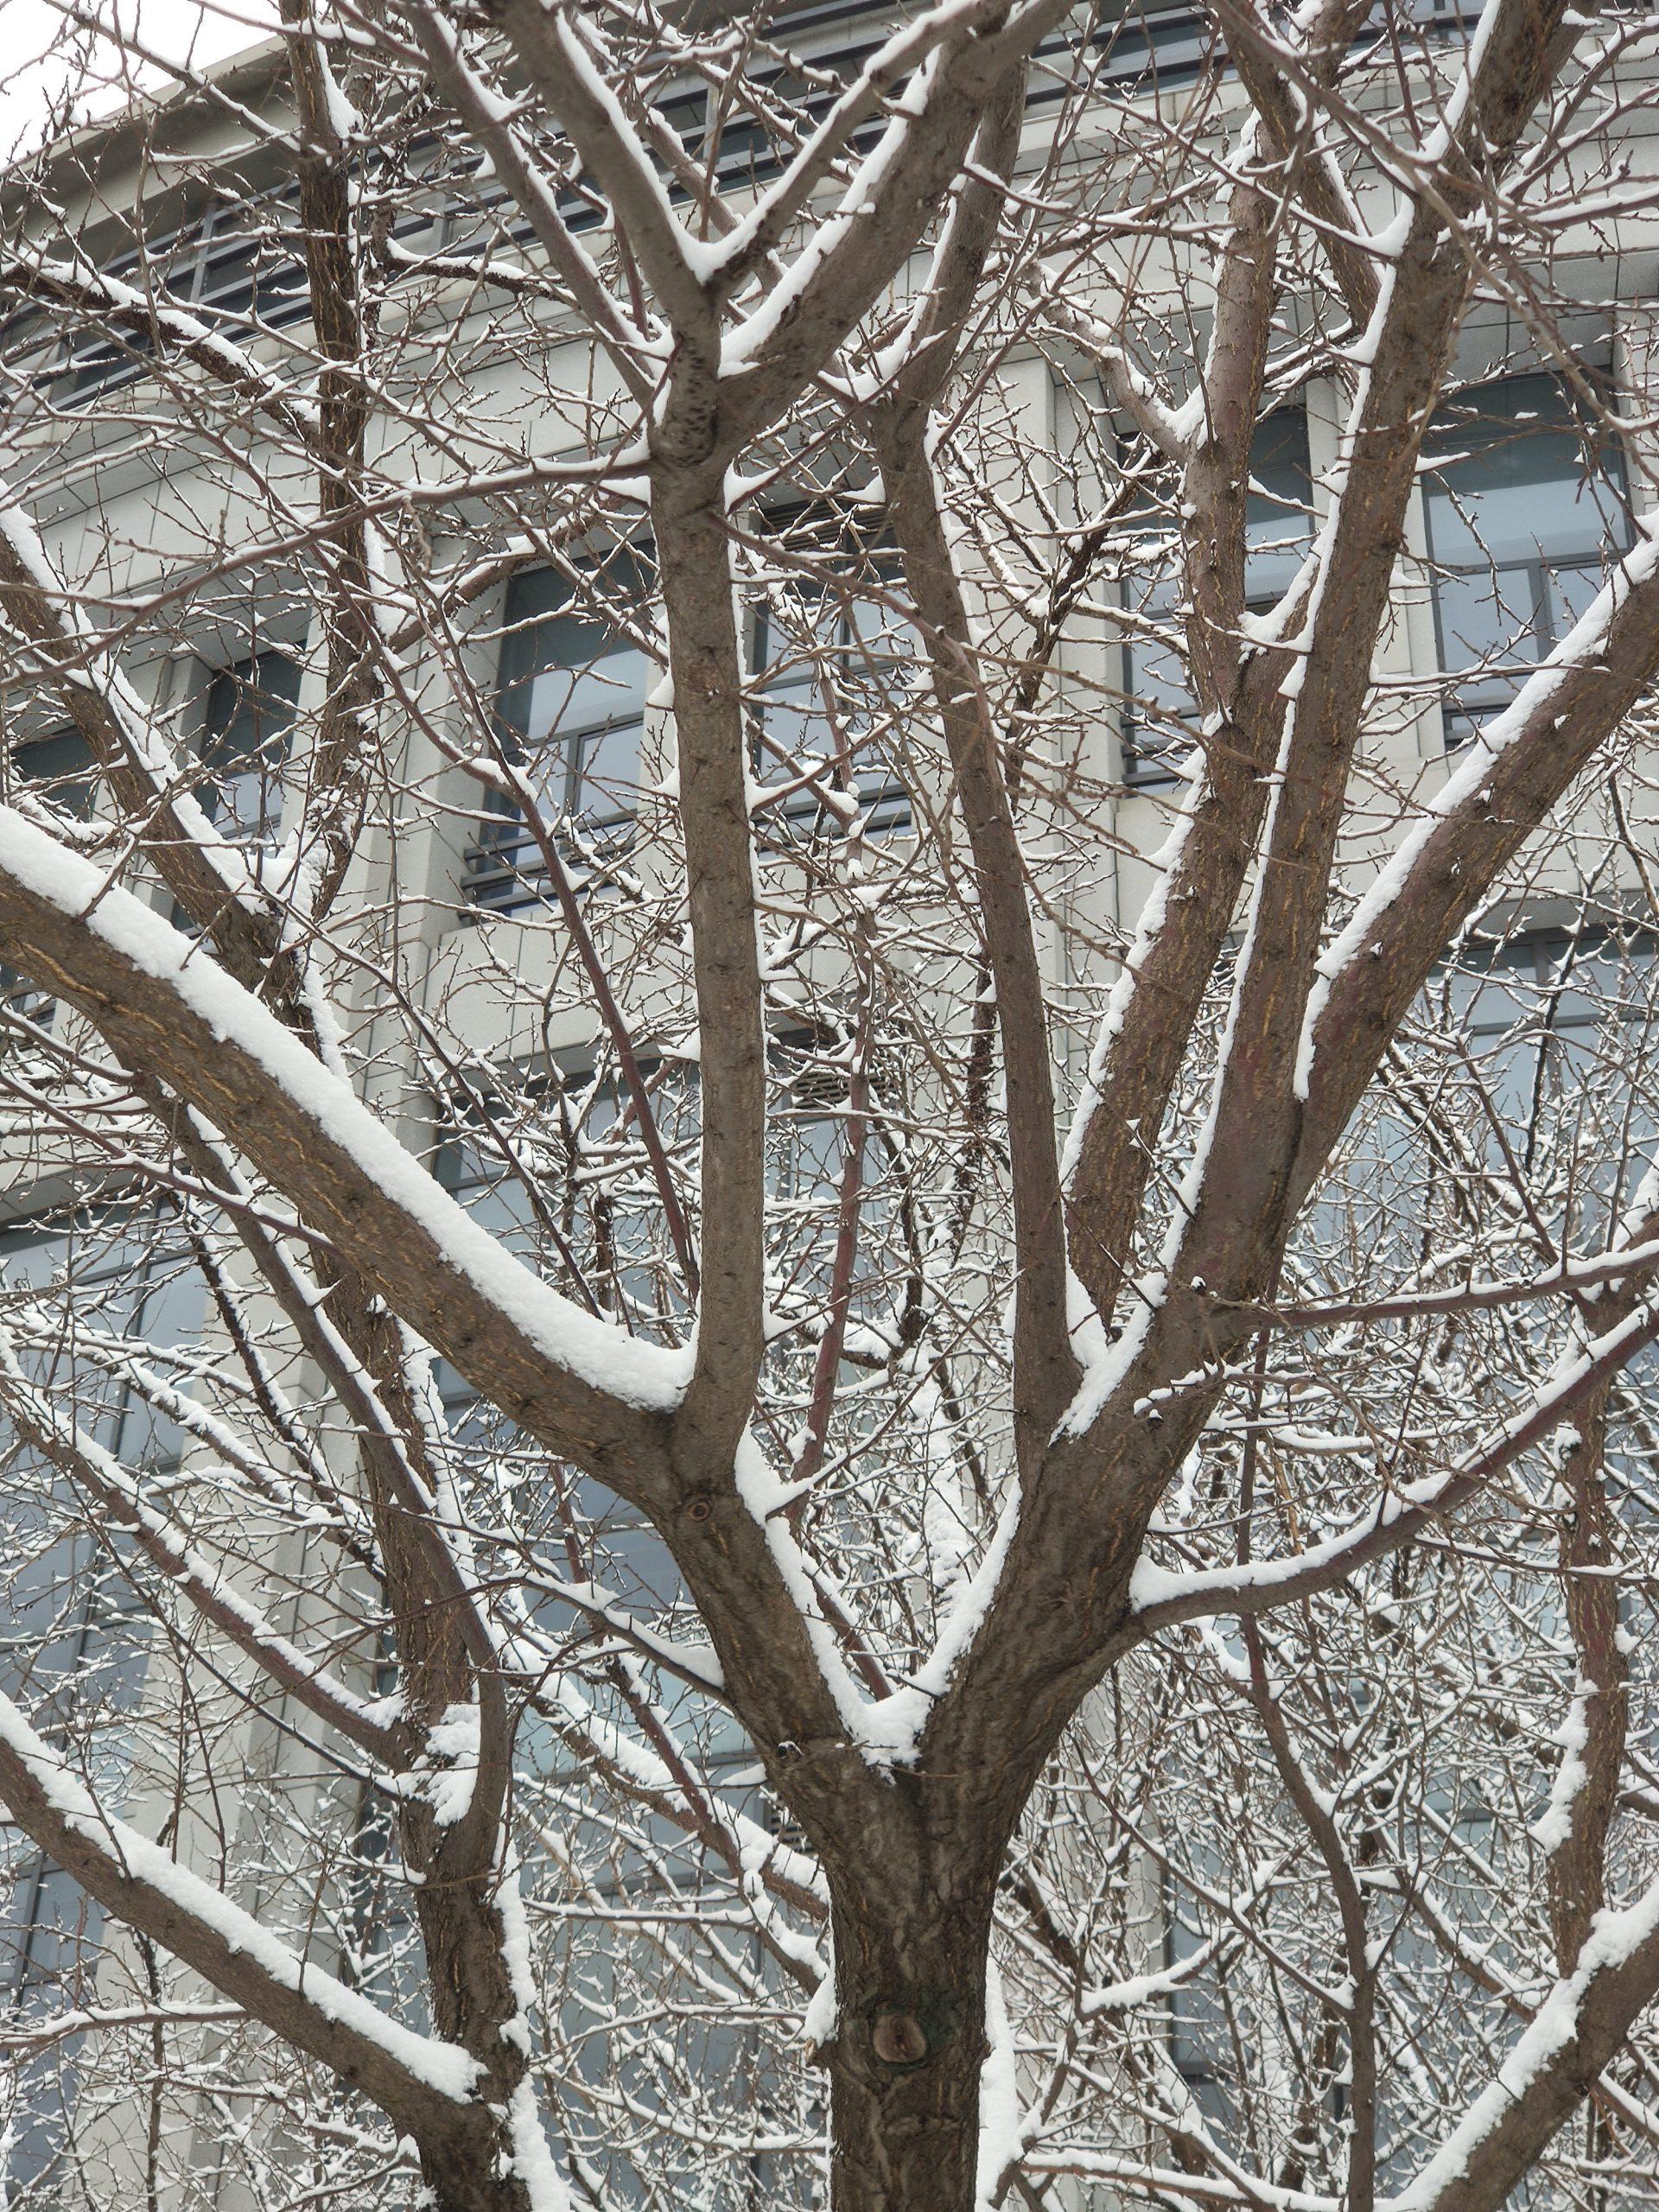 2021年春分,一场大雪送给这座城一份不寻常的礼物插图